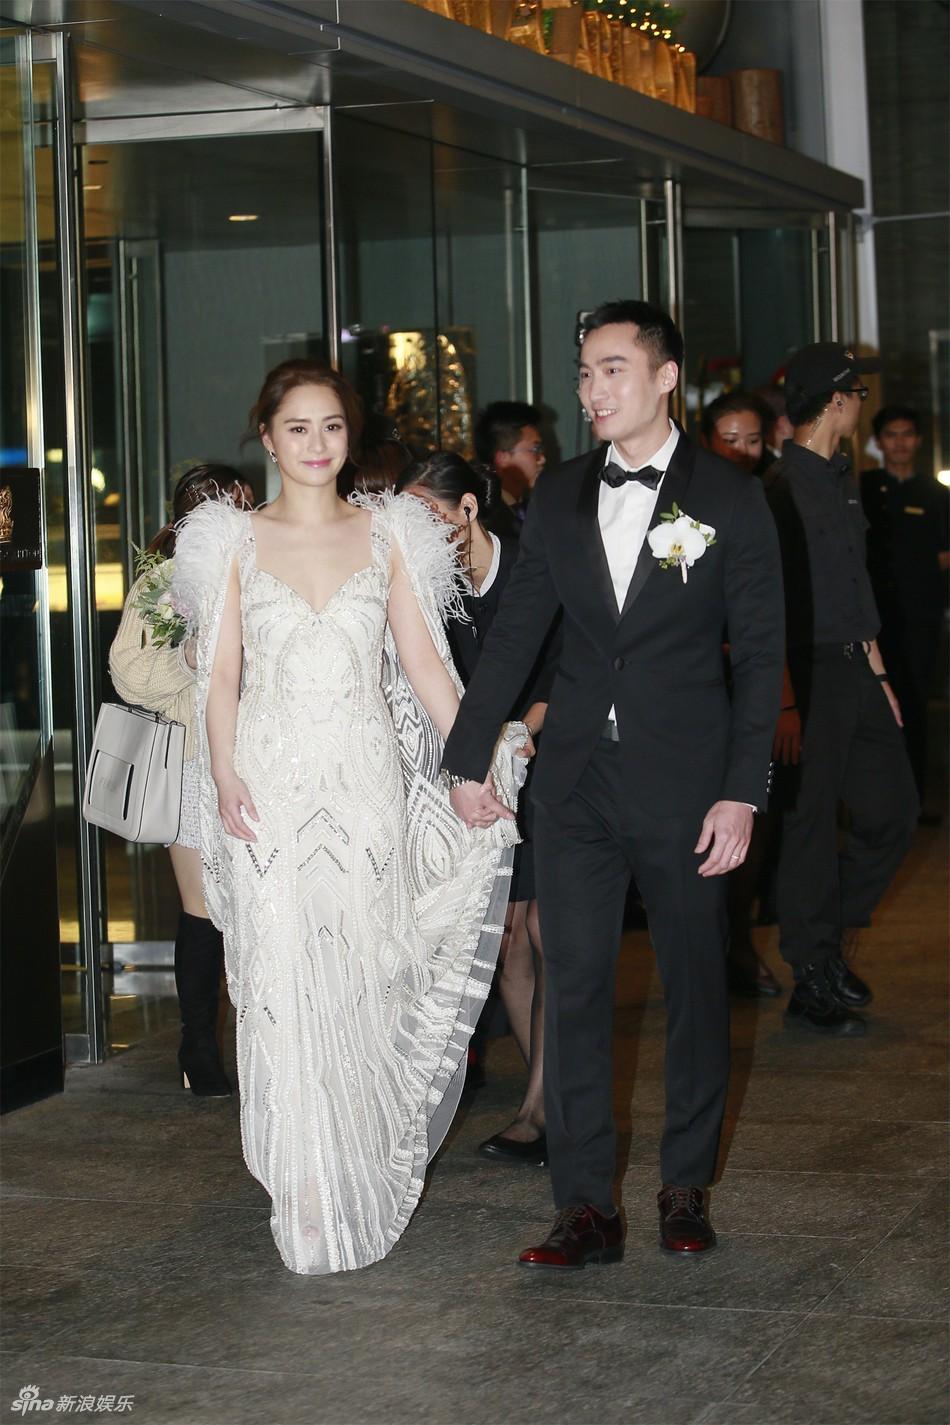 Đám cưới hoành tráng của Chung Hân Đồng: Ông trùm showbiz Hong Kong, con gái tài phiệt Macau cùng dàn sao hạng A tề tựu đông đủ - Ảnh 2.